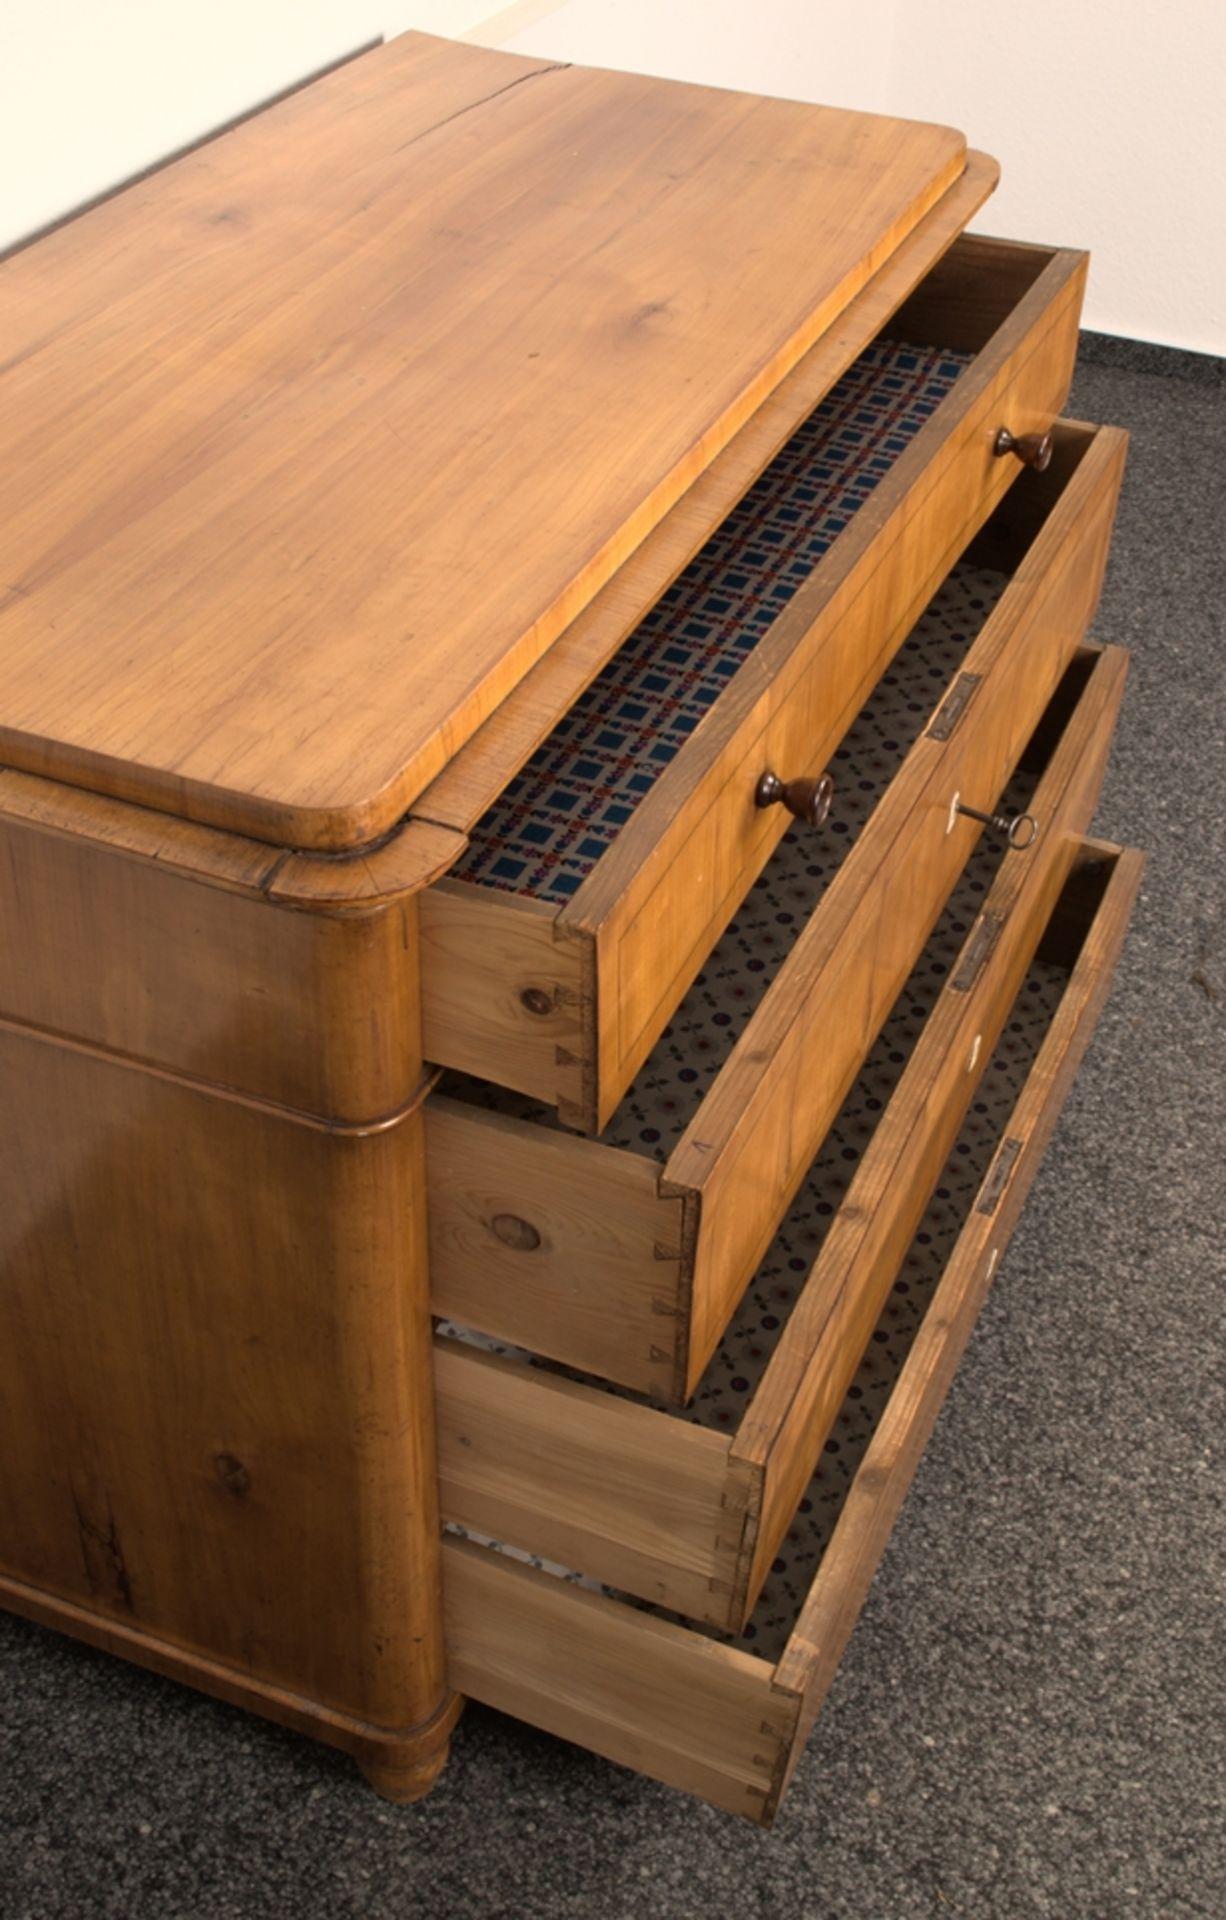 Wäschekommode. Biedermeier um 1835. Kirschbaum massiv & furniert, die 4 Schubladen-Fronten mit - Bild 10 aus 18